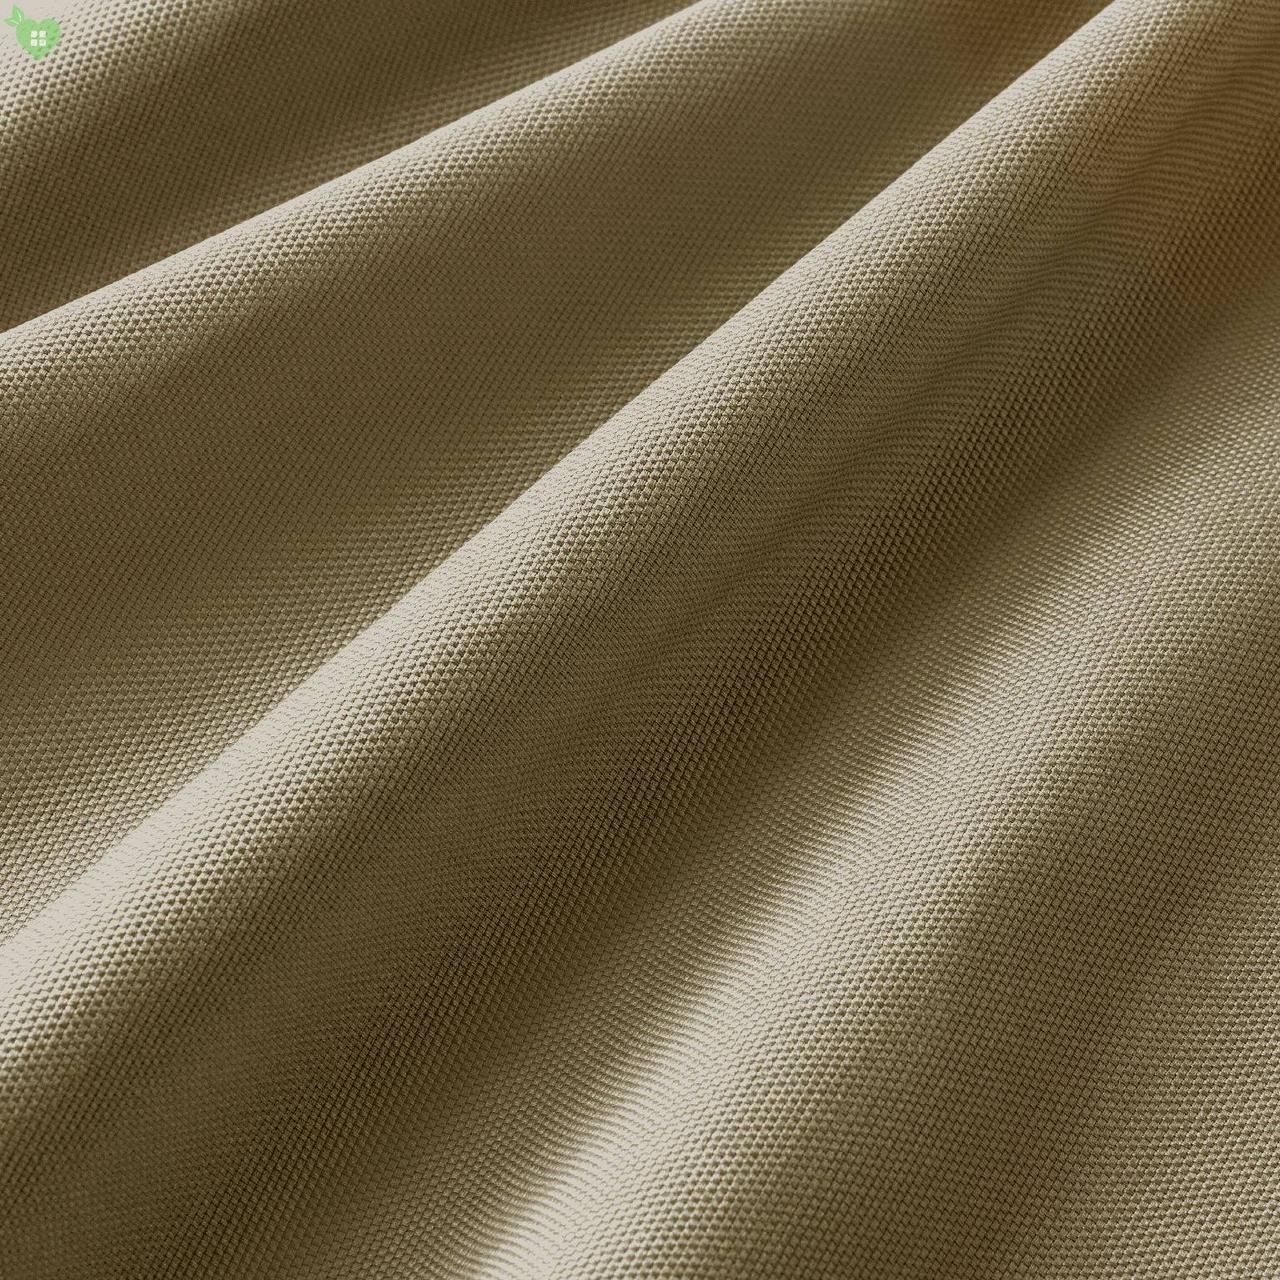 Уличная ткань фактурная коричневого цвета для штор, терассы, беседки 84270v4